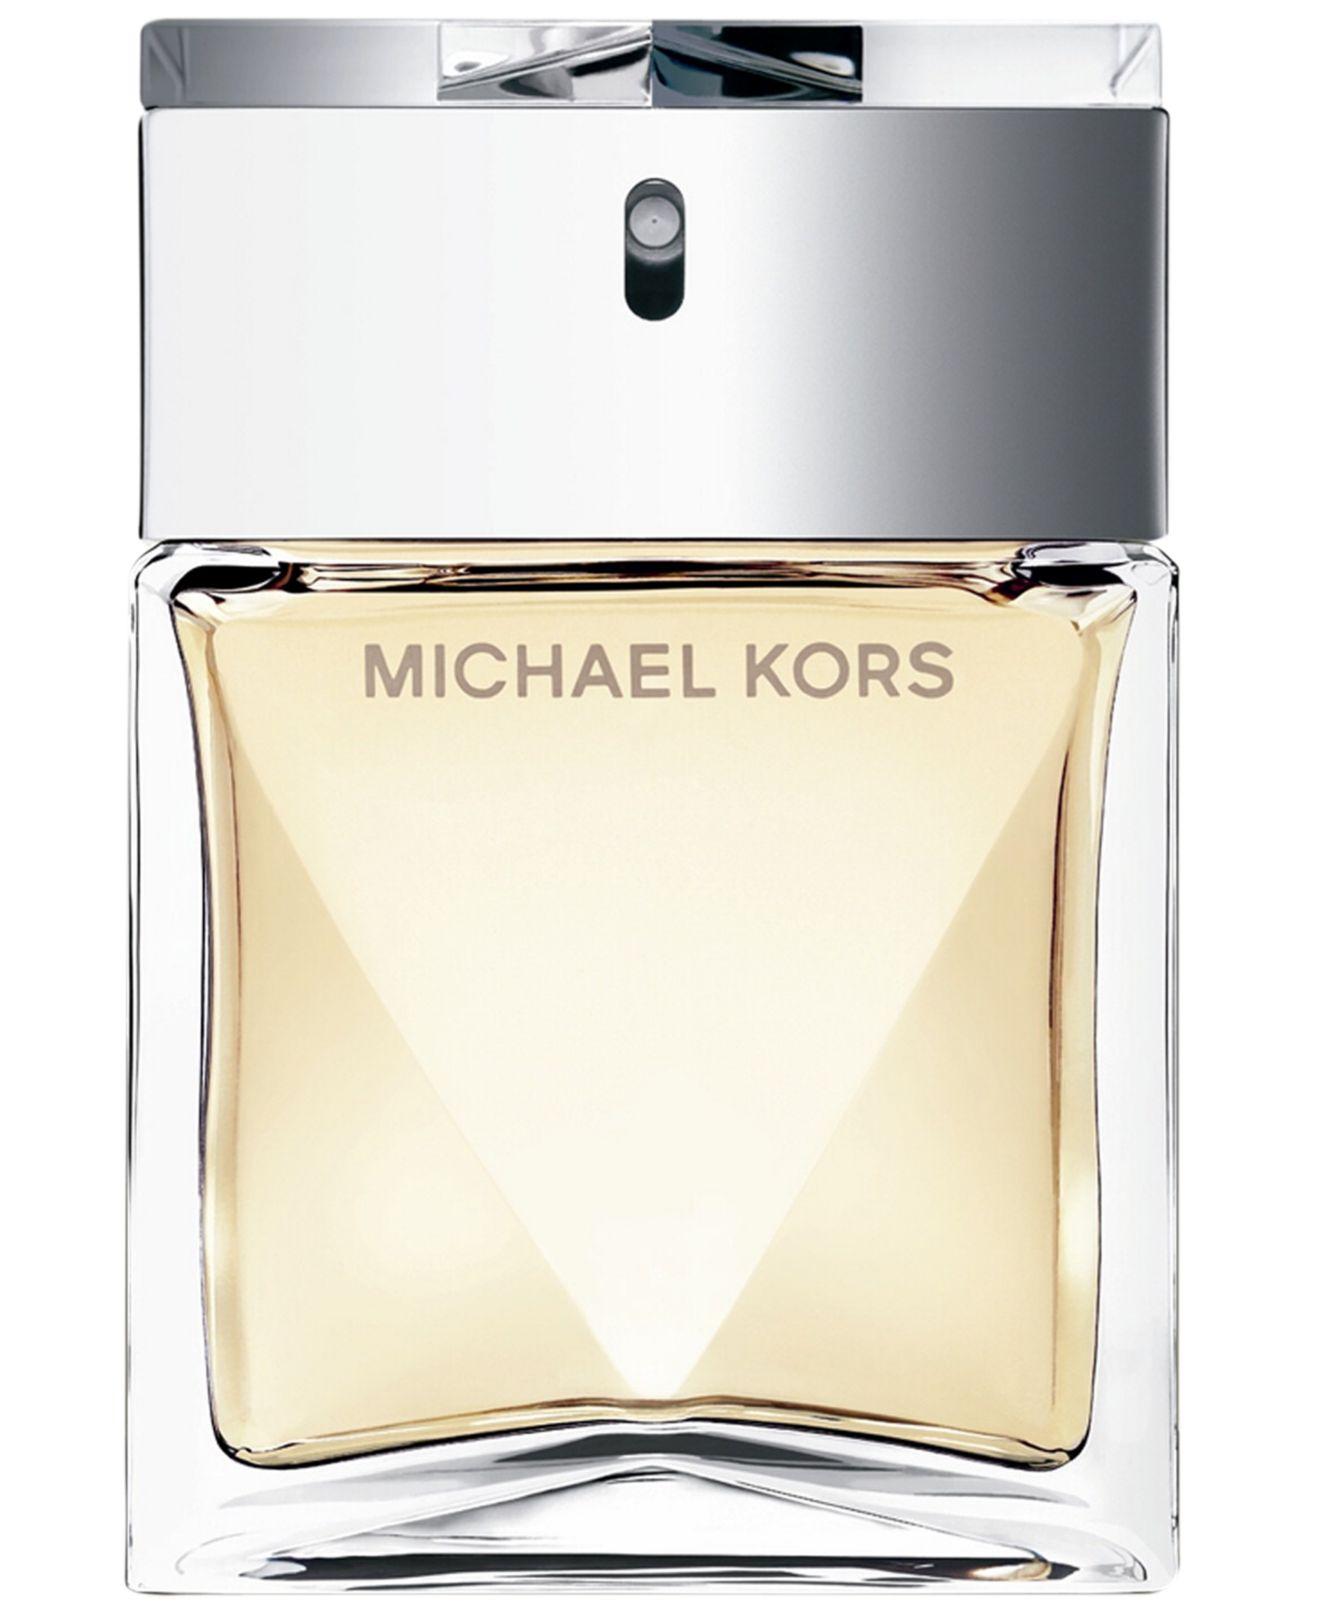 authentic michael kors outlet store rqv6  Michael Kors Eau de Parfum Spray, 34 oz